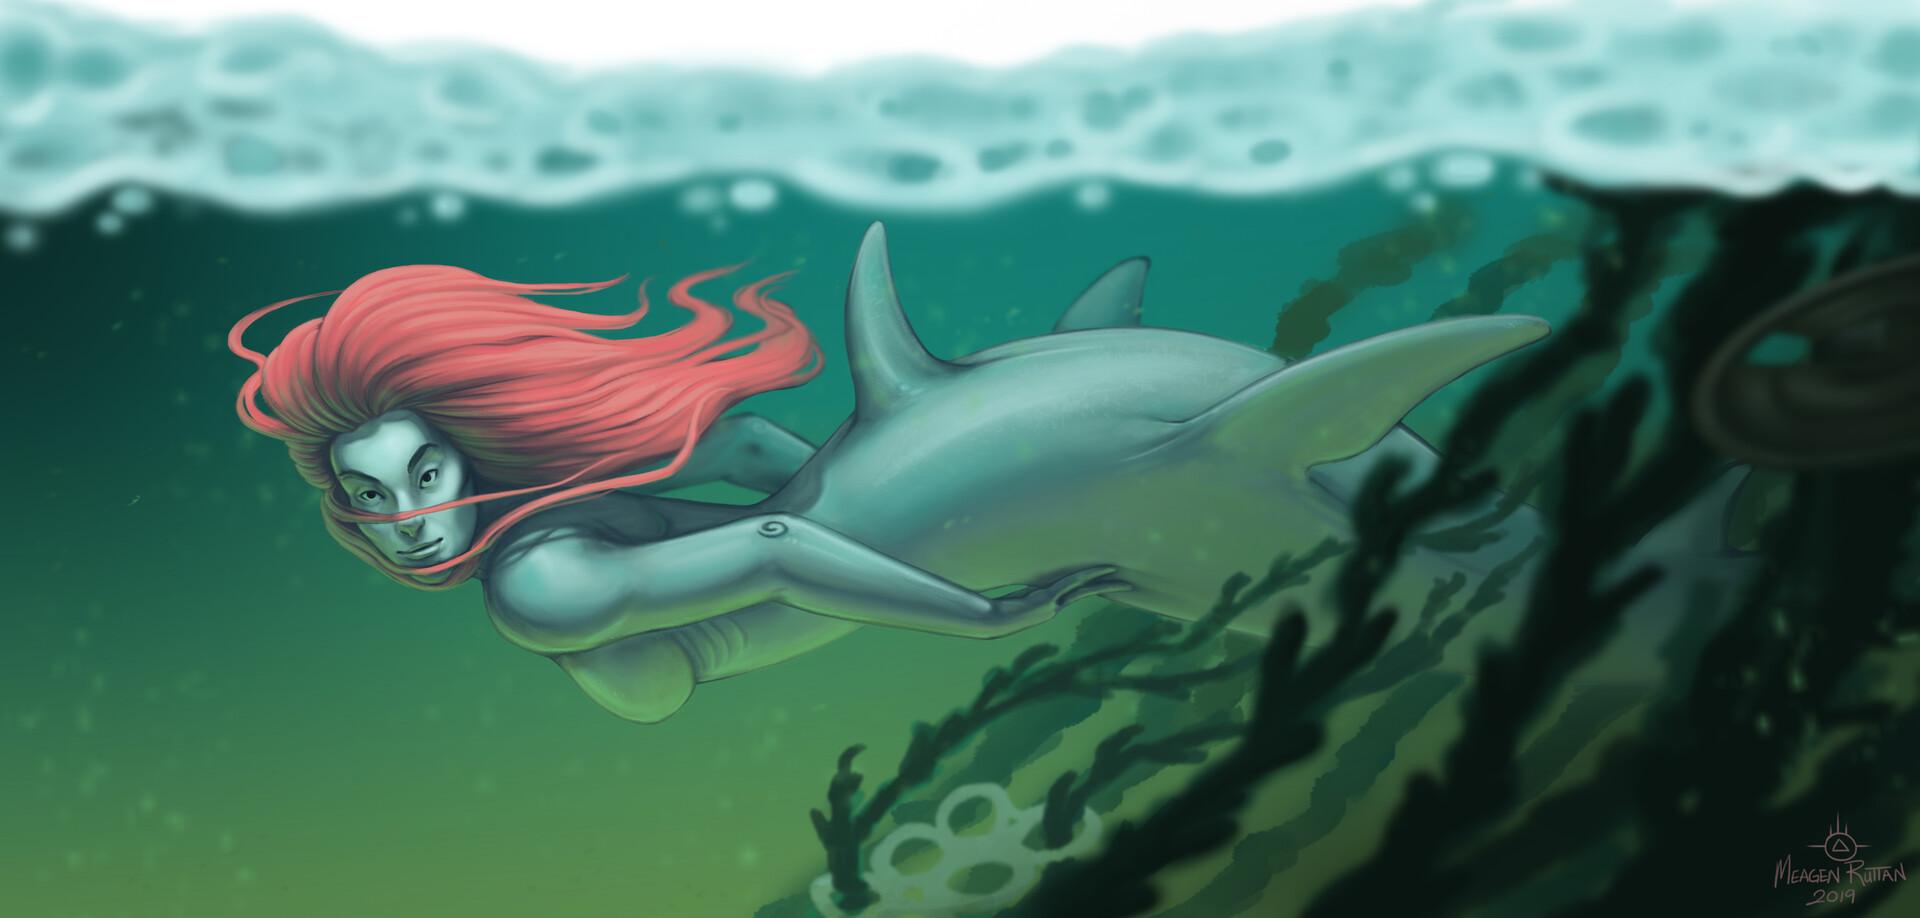 Meagen ruttan mermay shark 05